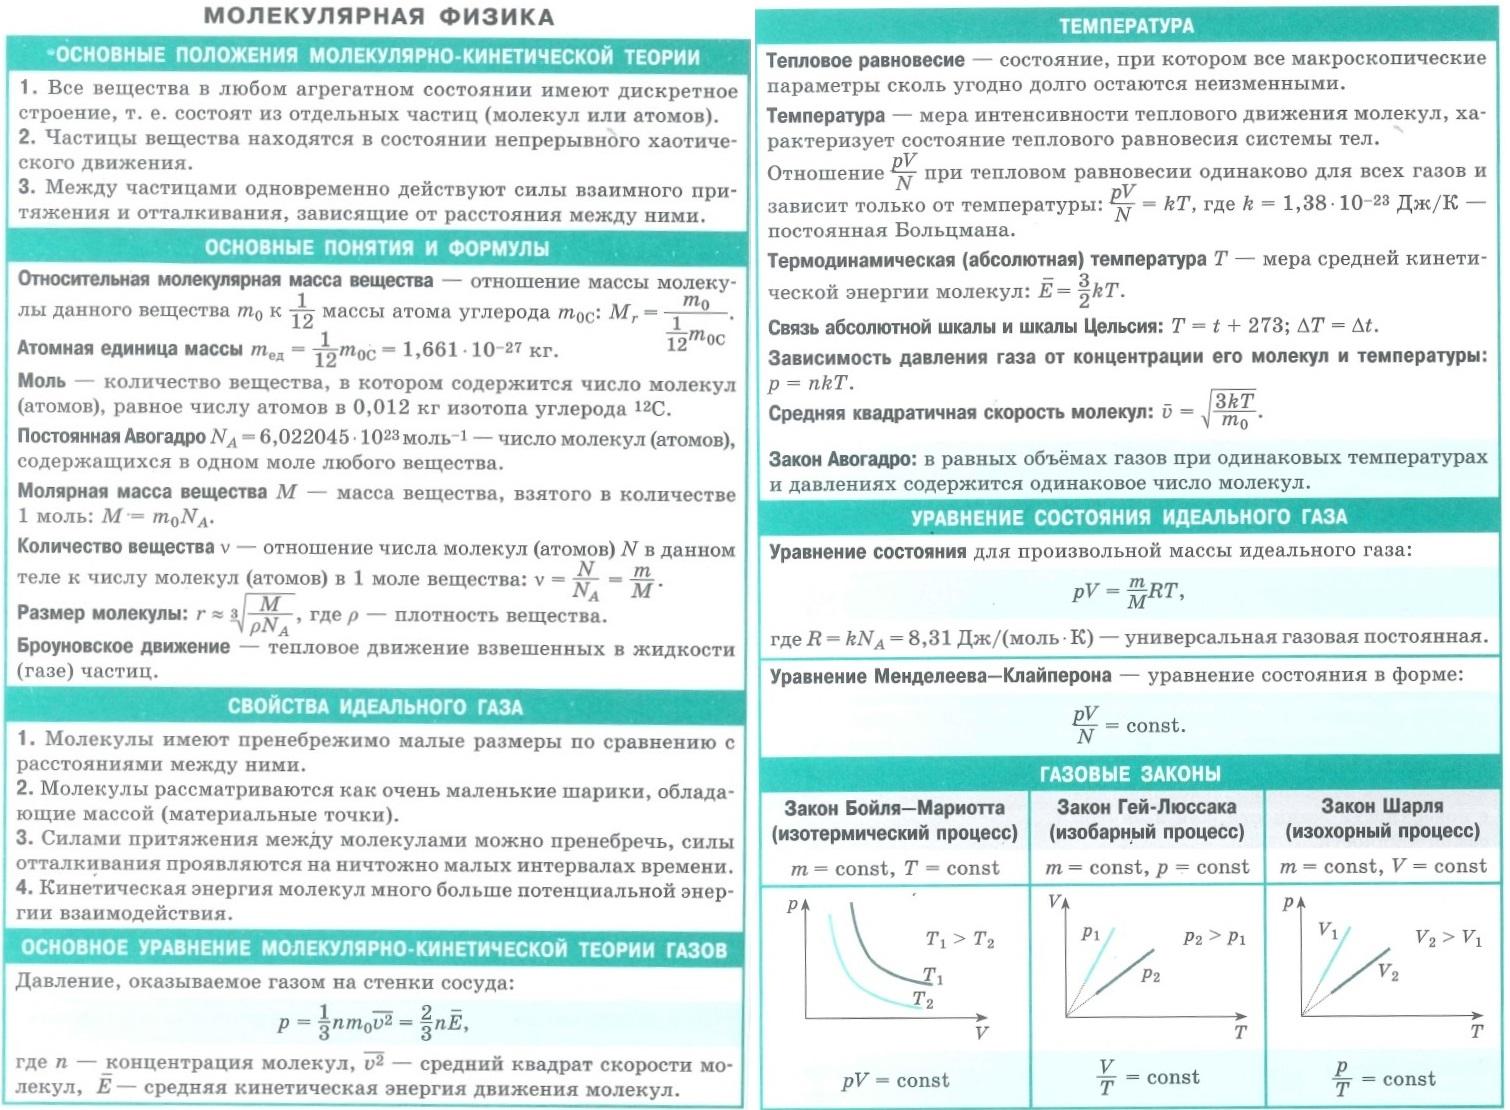 Молекулярная физика. Основные положения МКТ. Основные понятия и формулы. Свойства идеального газа. Основное уравнение МКТ. Температура. Уравнение состояния идеального газа. Уравнение Менделеева-Клайперона. Газовые законы - изотерма, изобара, изохора